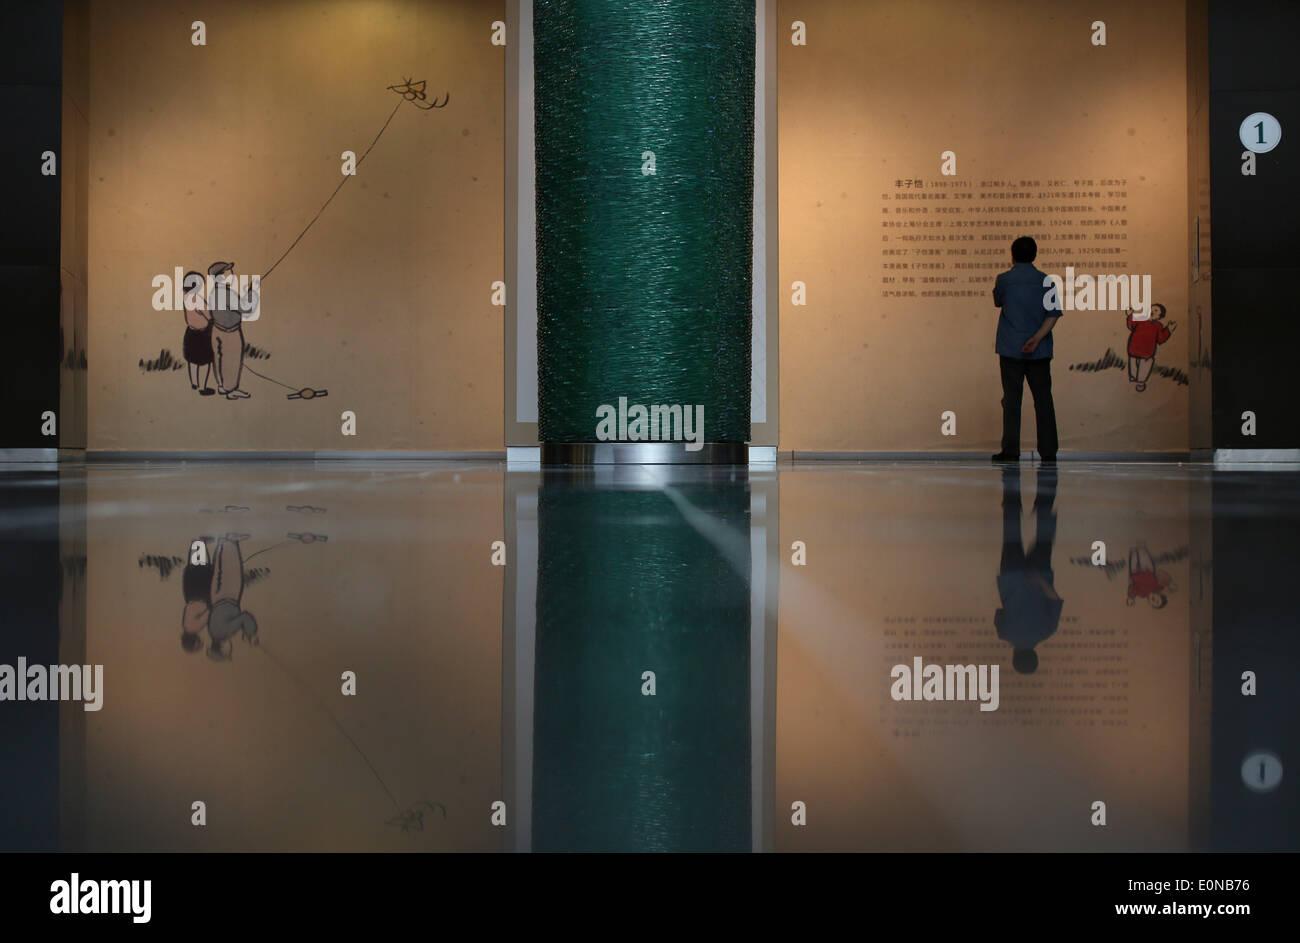 Shenyang, cinese della provincia di Liaoning. 16 Maggio, 2014. Un uomo guarda le opere di Feng Zikai, un famoso fumettista cinese, durante l'anteprima di una mostra di Feng di opere d'arte di Shenyang, capitale del nord-est della Cina di provincia di Liaoning, 16 maggio 2014. La art show sarà aperto al pubblico il 18 maggio. © Yao Jianfeng/Xinhua/Alamy Live News Immagini Stock